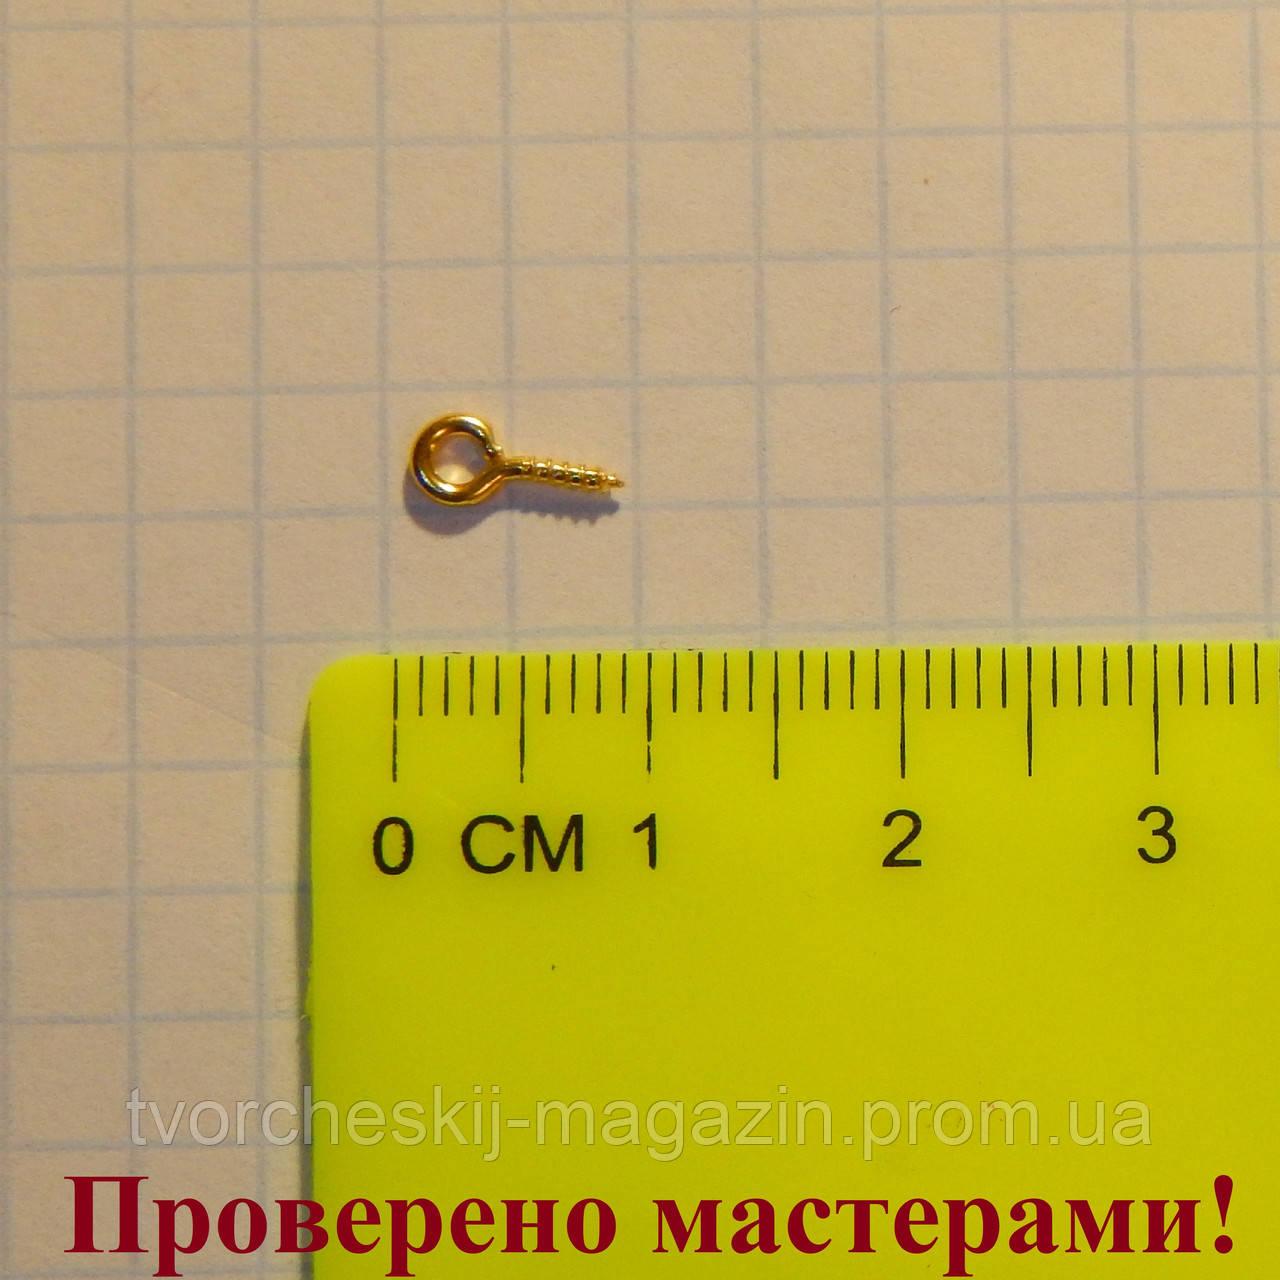 Крепление для подвески штифт золотистое 0,9 см, 1 шт